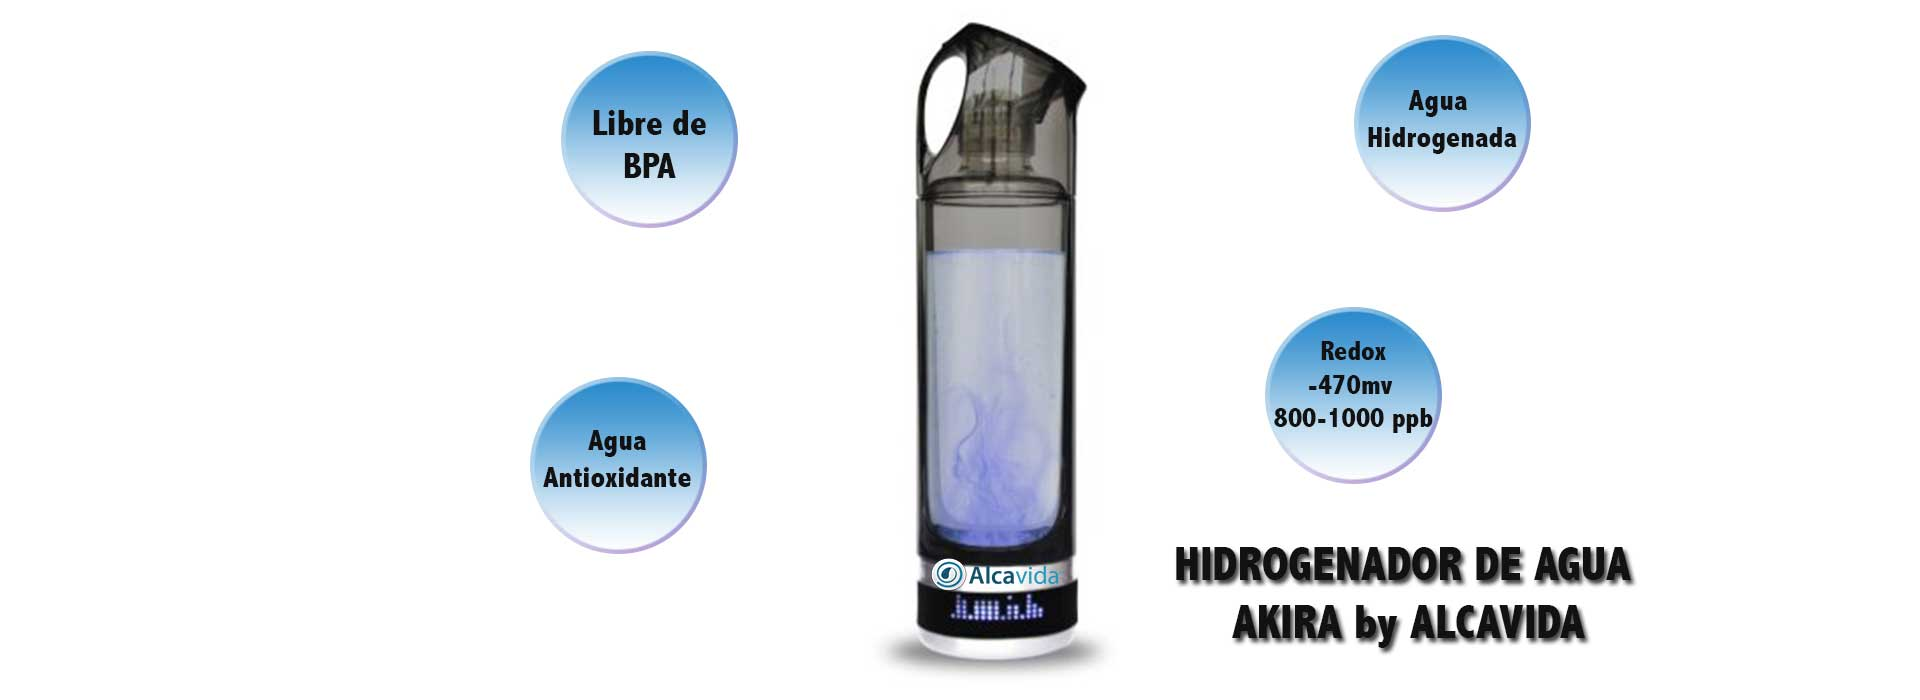 Hidrogenador agua-agua hidrogenada